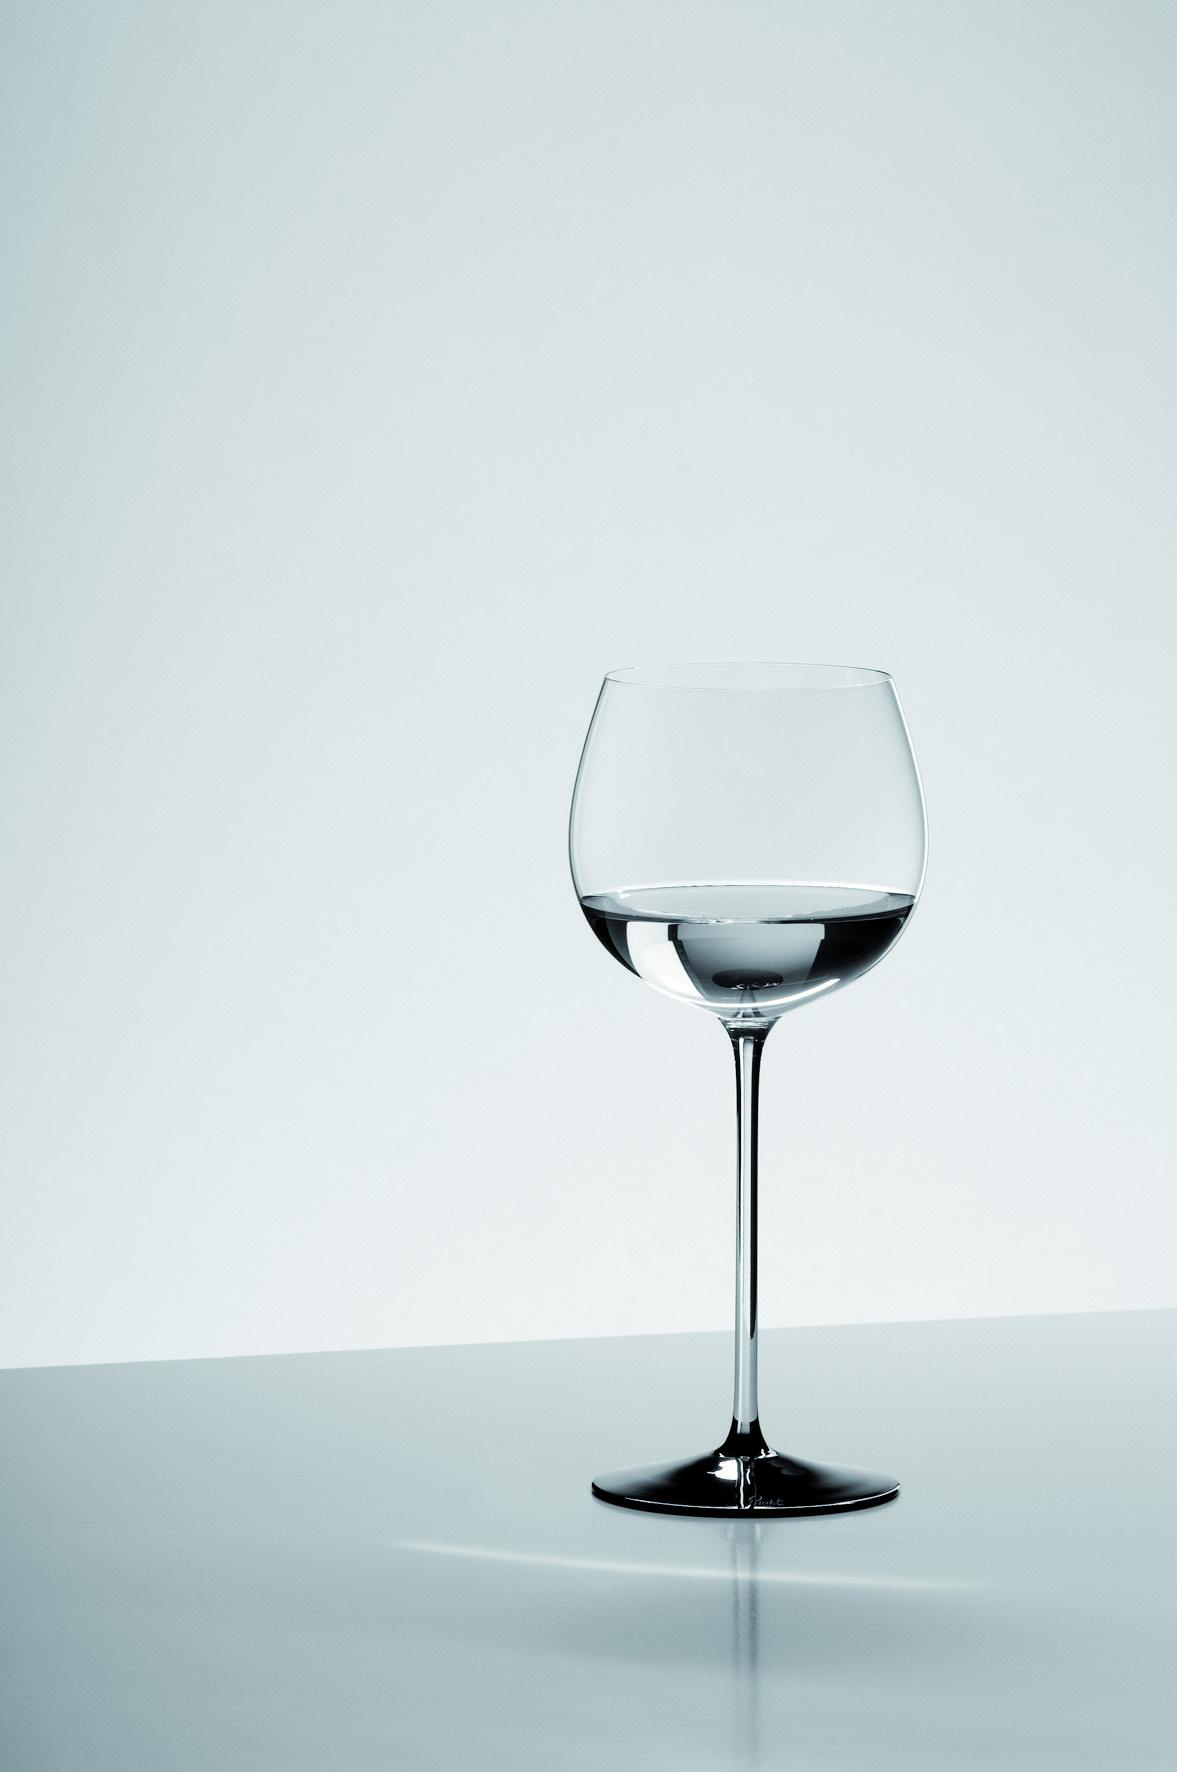 Бокалы Бокал для белого вина 500мл Riedel Sommeliers Black Tie Montrachet bokal-dlya-belogo-vina-500-ml-riedel-montrachet-black-tie-avstriya.jpg